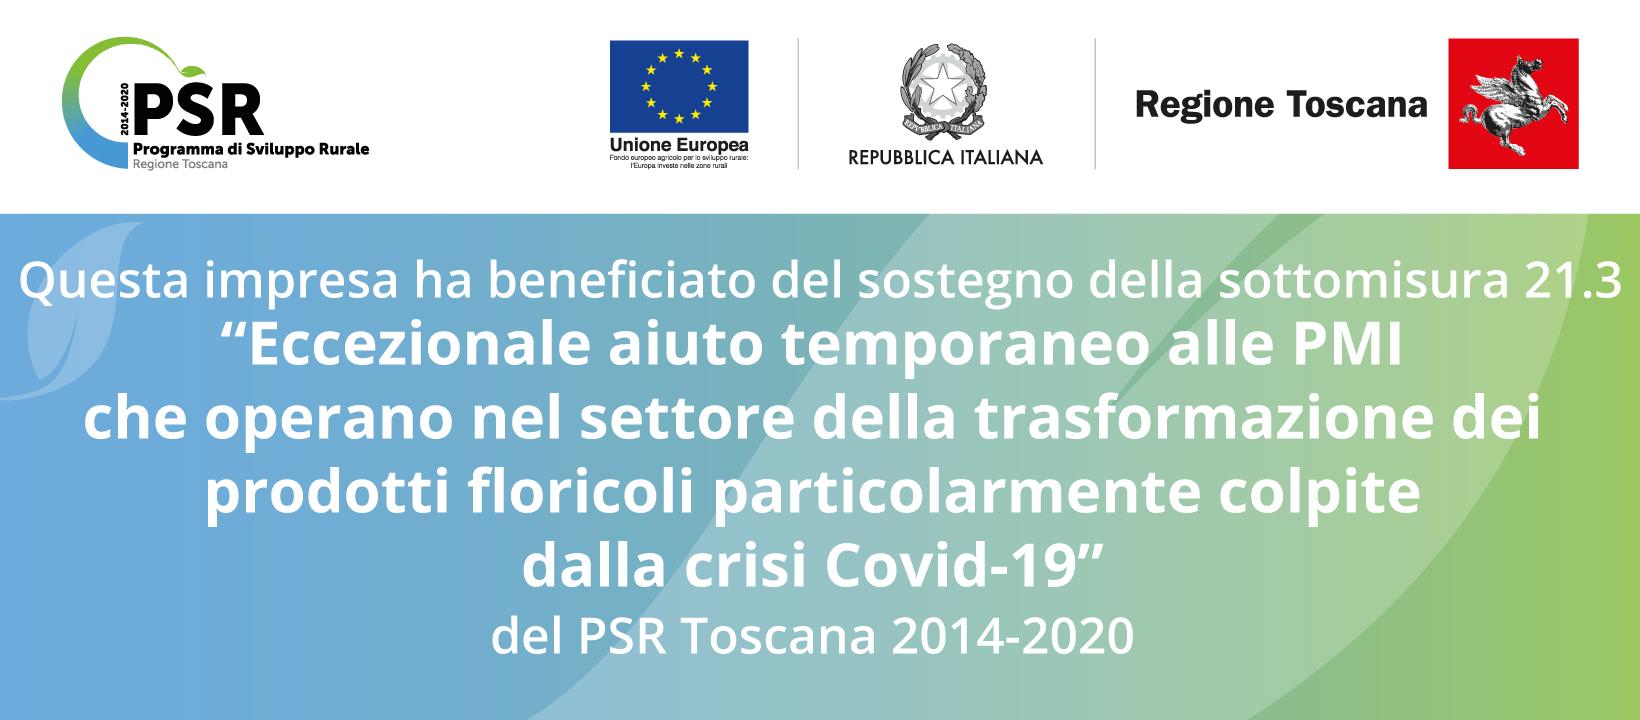 Flor-export Viareaggio, bando regione Toscana